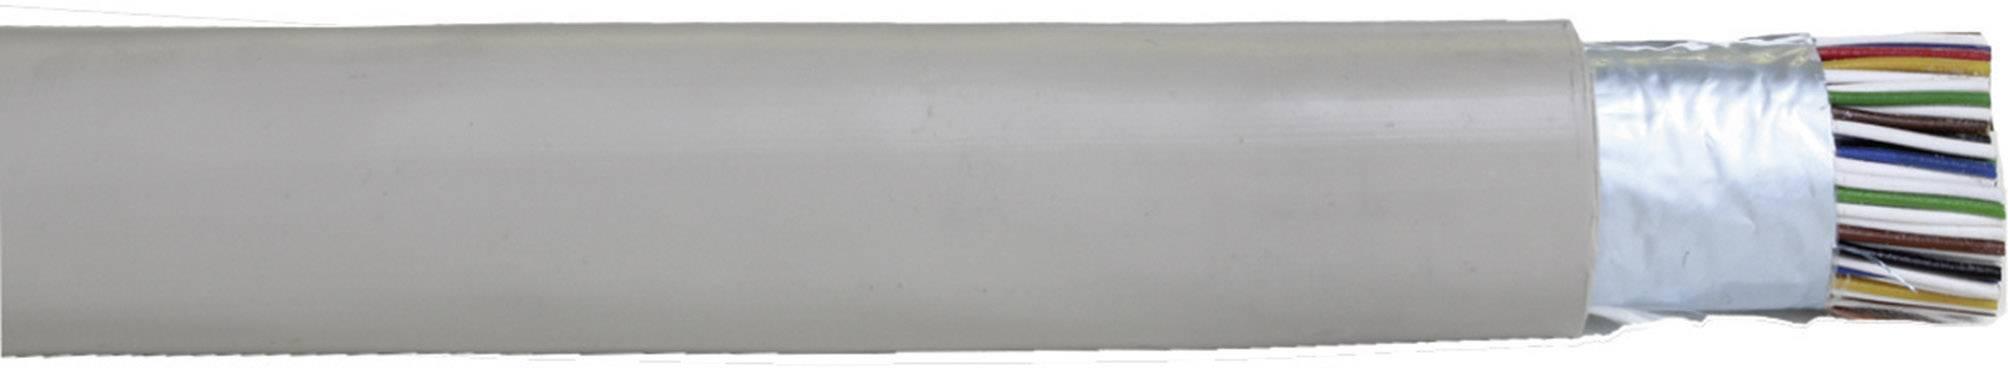 Telefónny kábel J-Y(ST)Y Faber Kabel 100007, 4 x 2 x 0.60 mm, sivá, metrový tovar